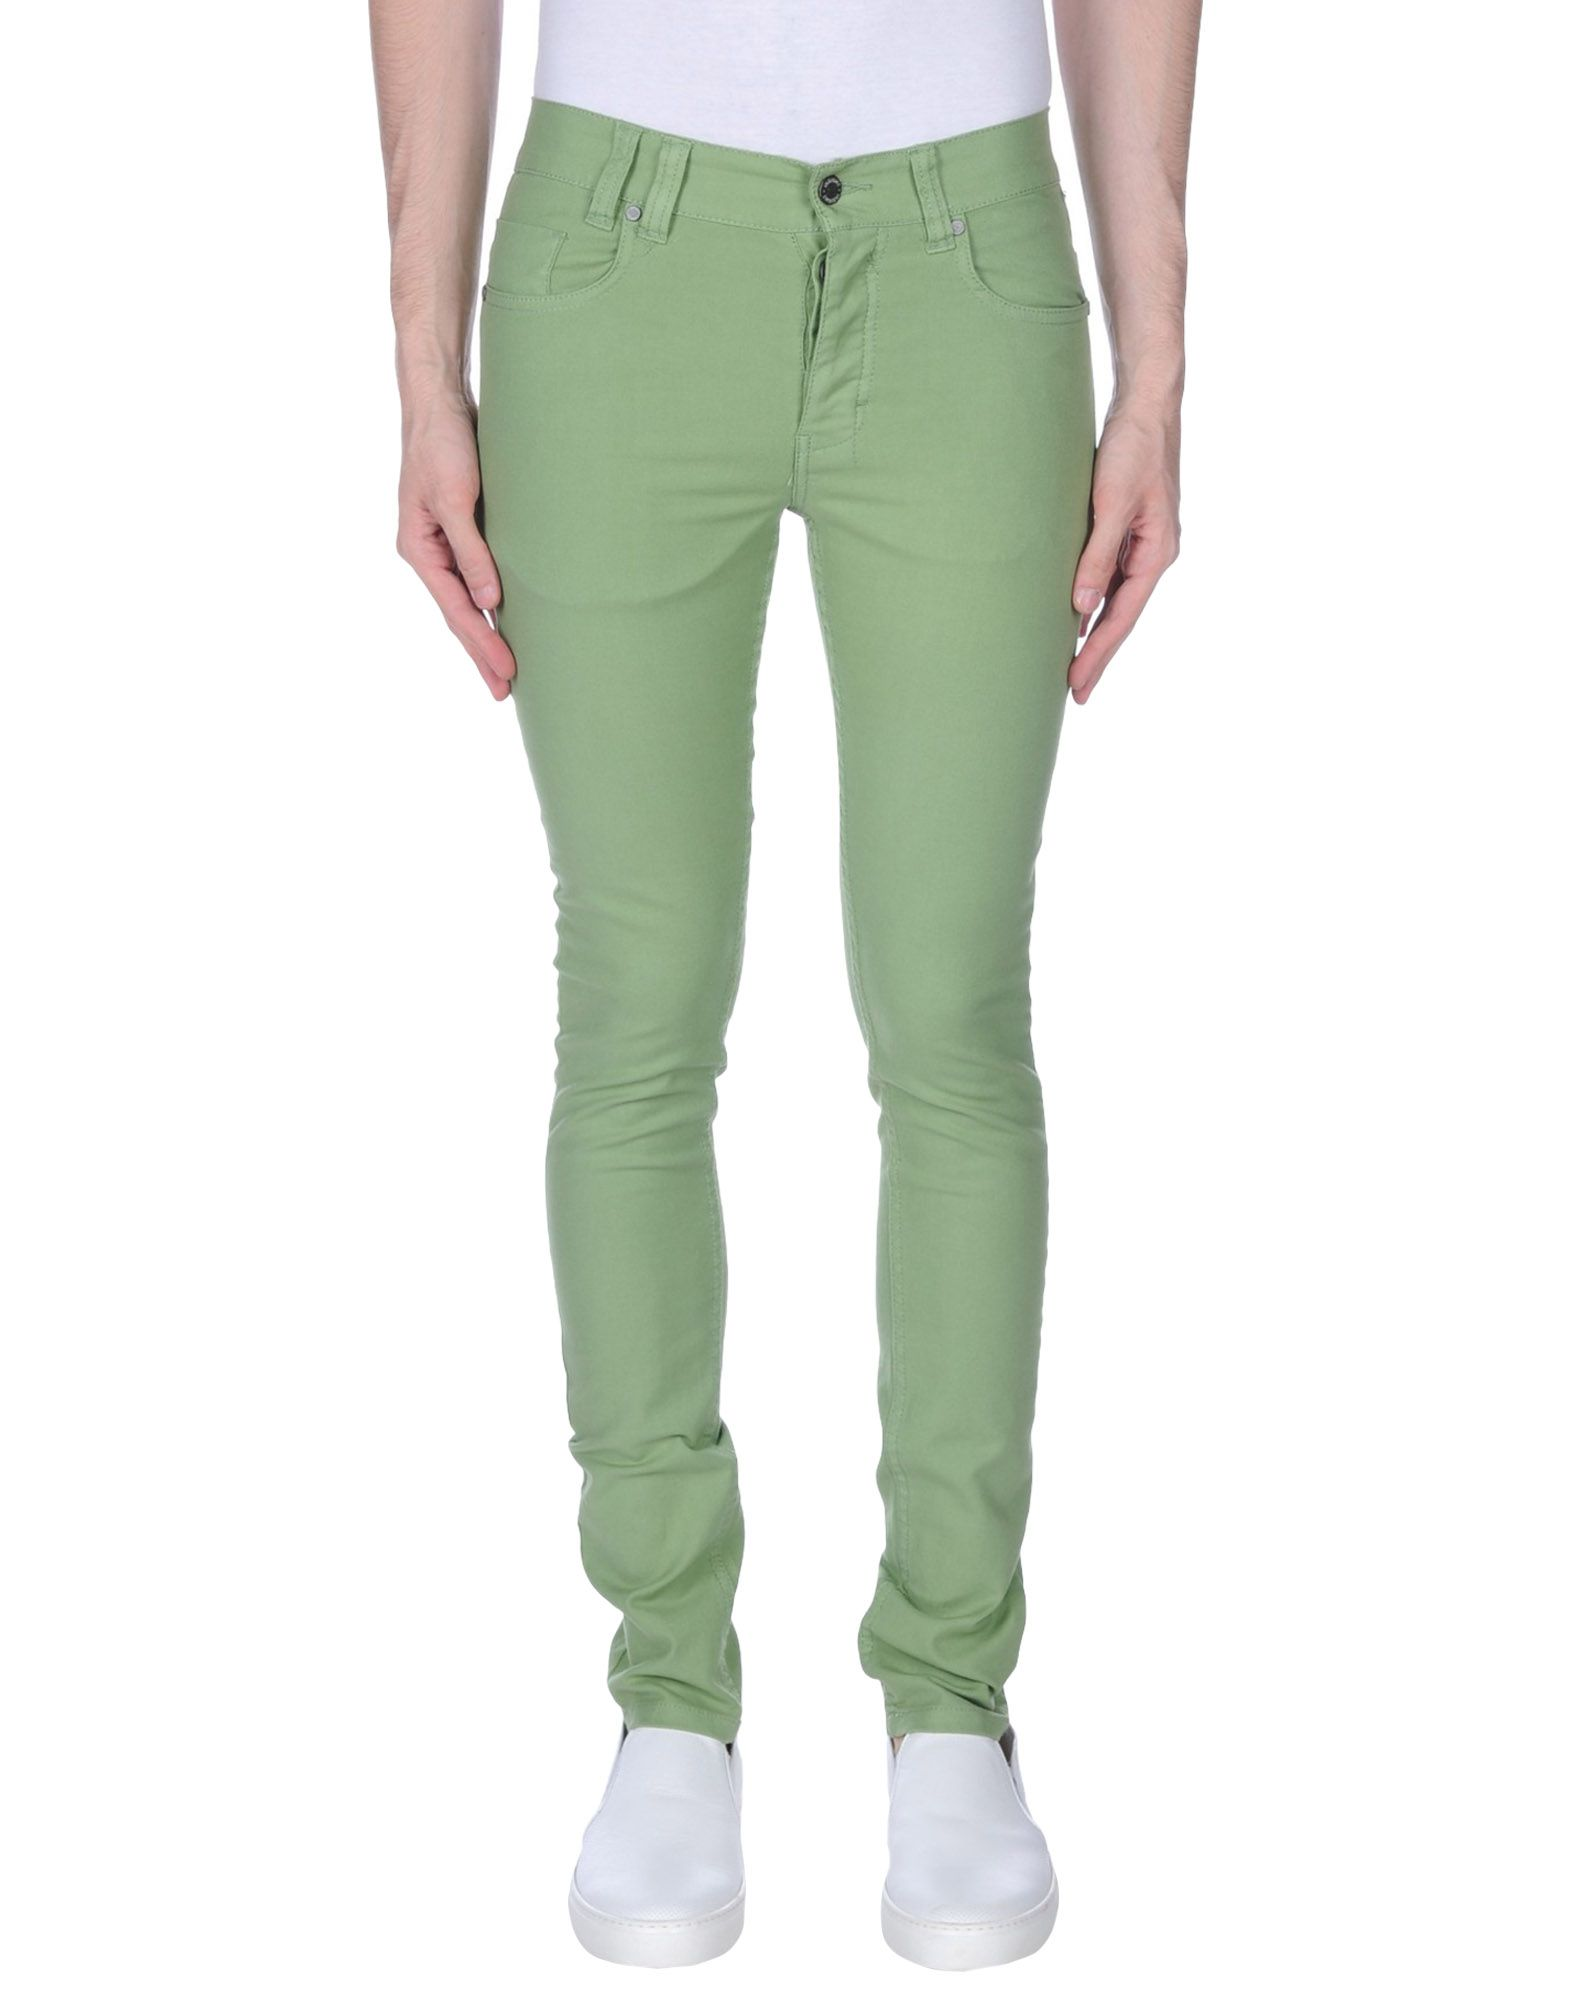 0051 INSIGHT Повседневные брюки